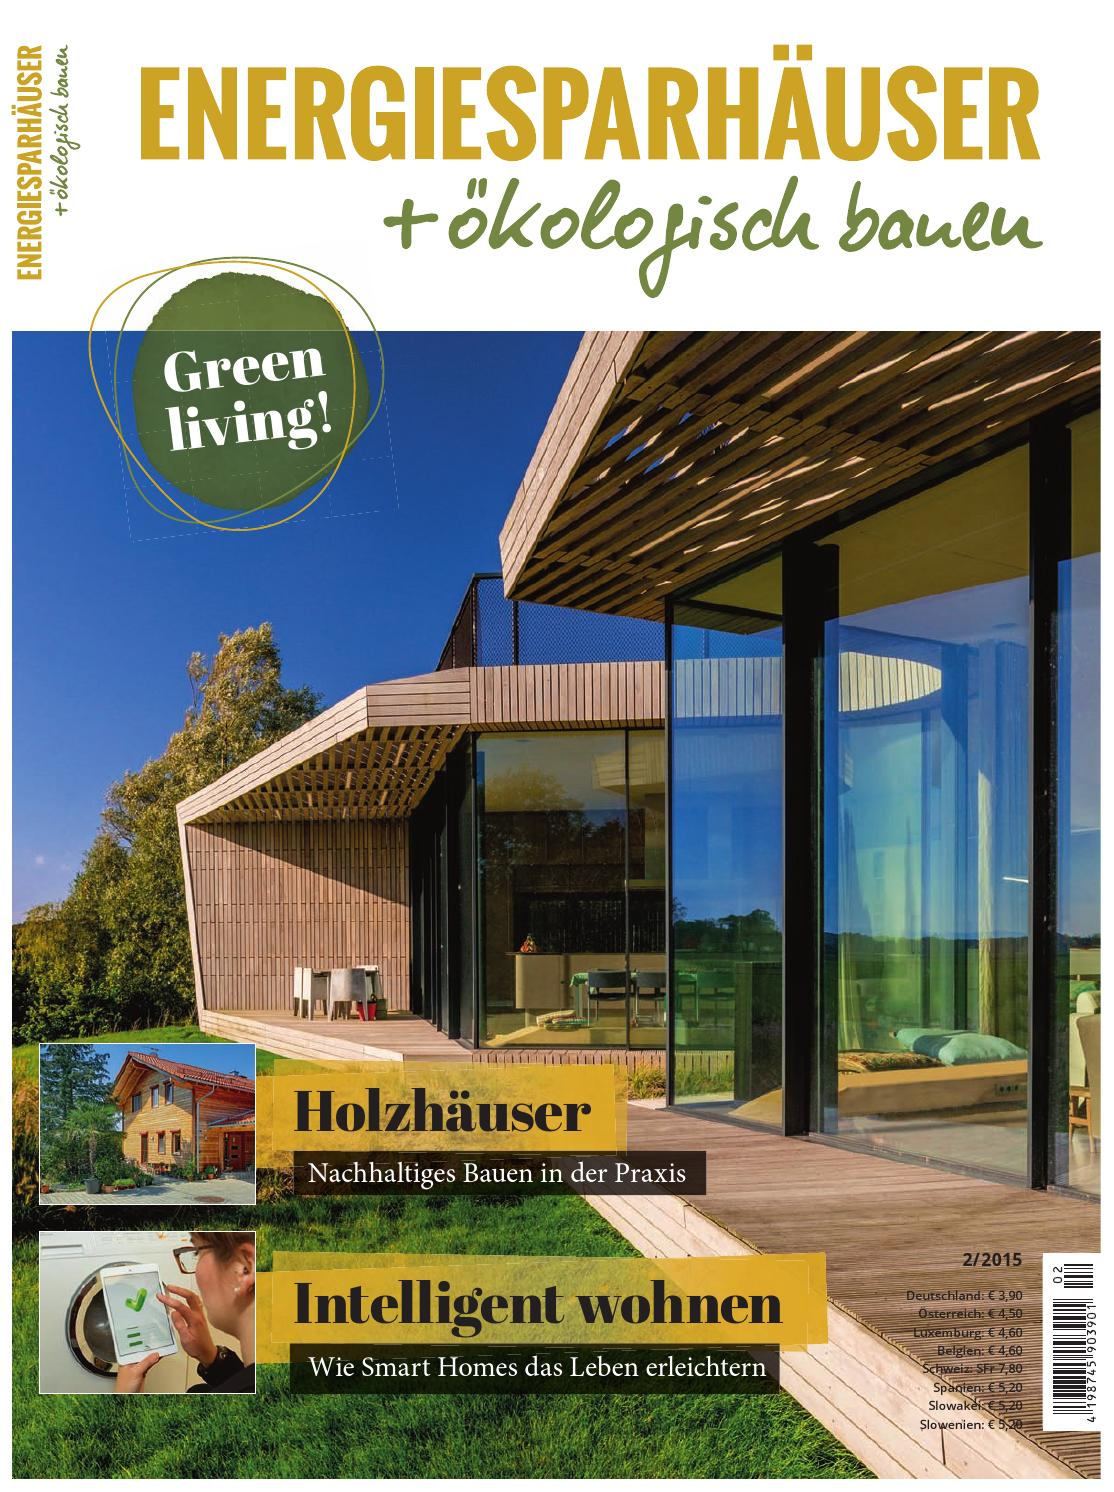 Energiesparhäuser + ökologisch Bauen 2/2015 By Family Home Verlag GmbH    Issuu